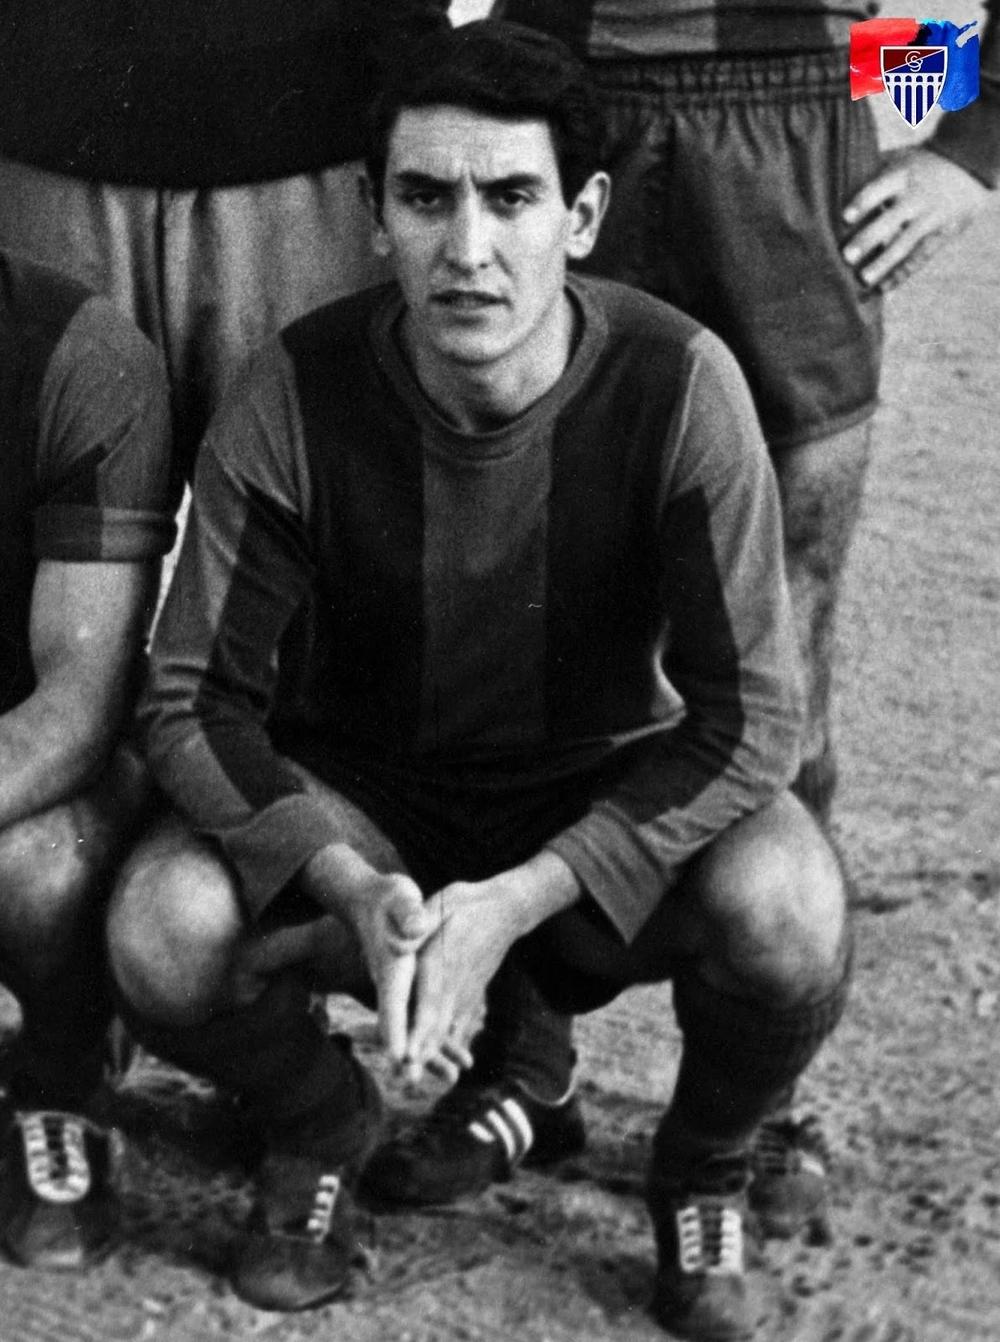 Jaime Rodríguez Gómez, en su etapa como futbolista de la Gimnástica Segoviana, en una imagen perteneciente al archivo recopilado por el fotógrafo Juan Martín.